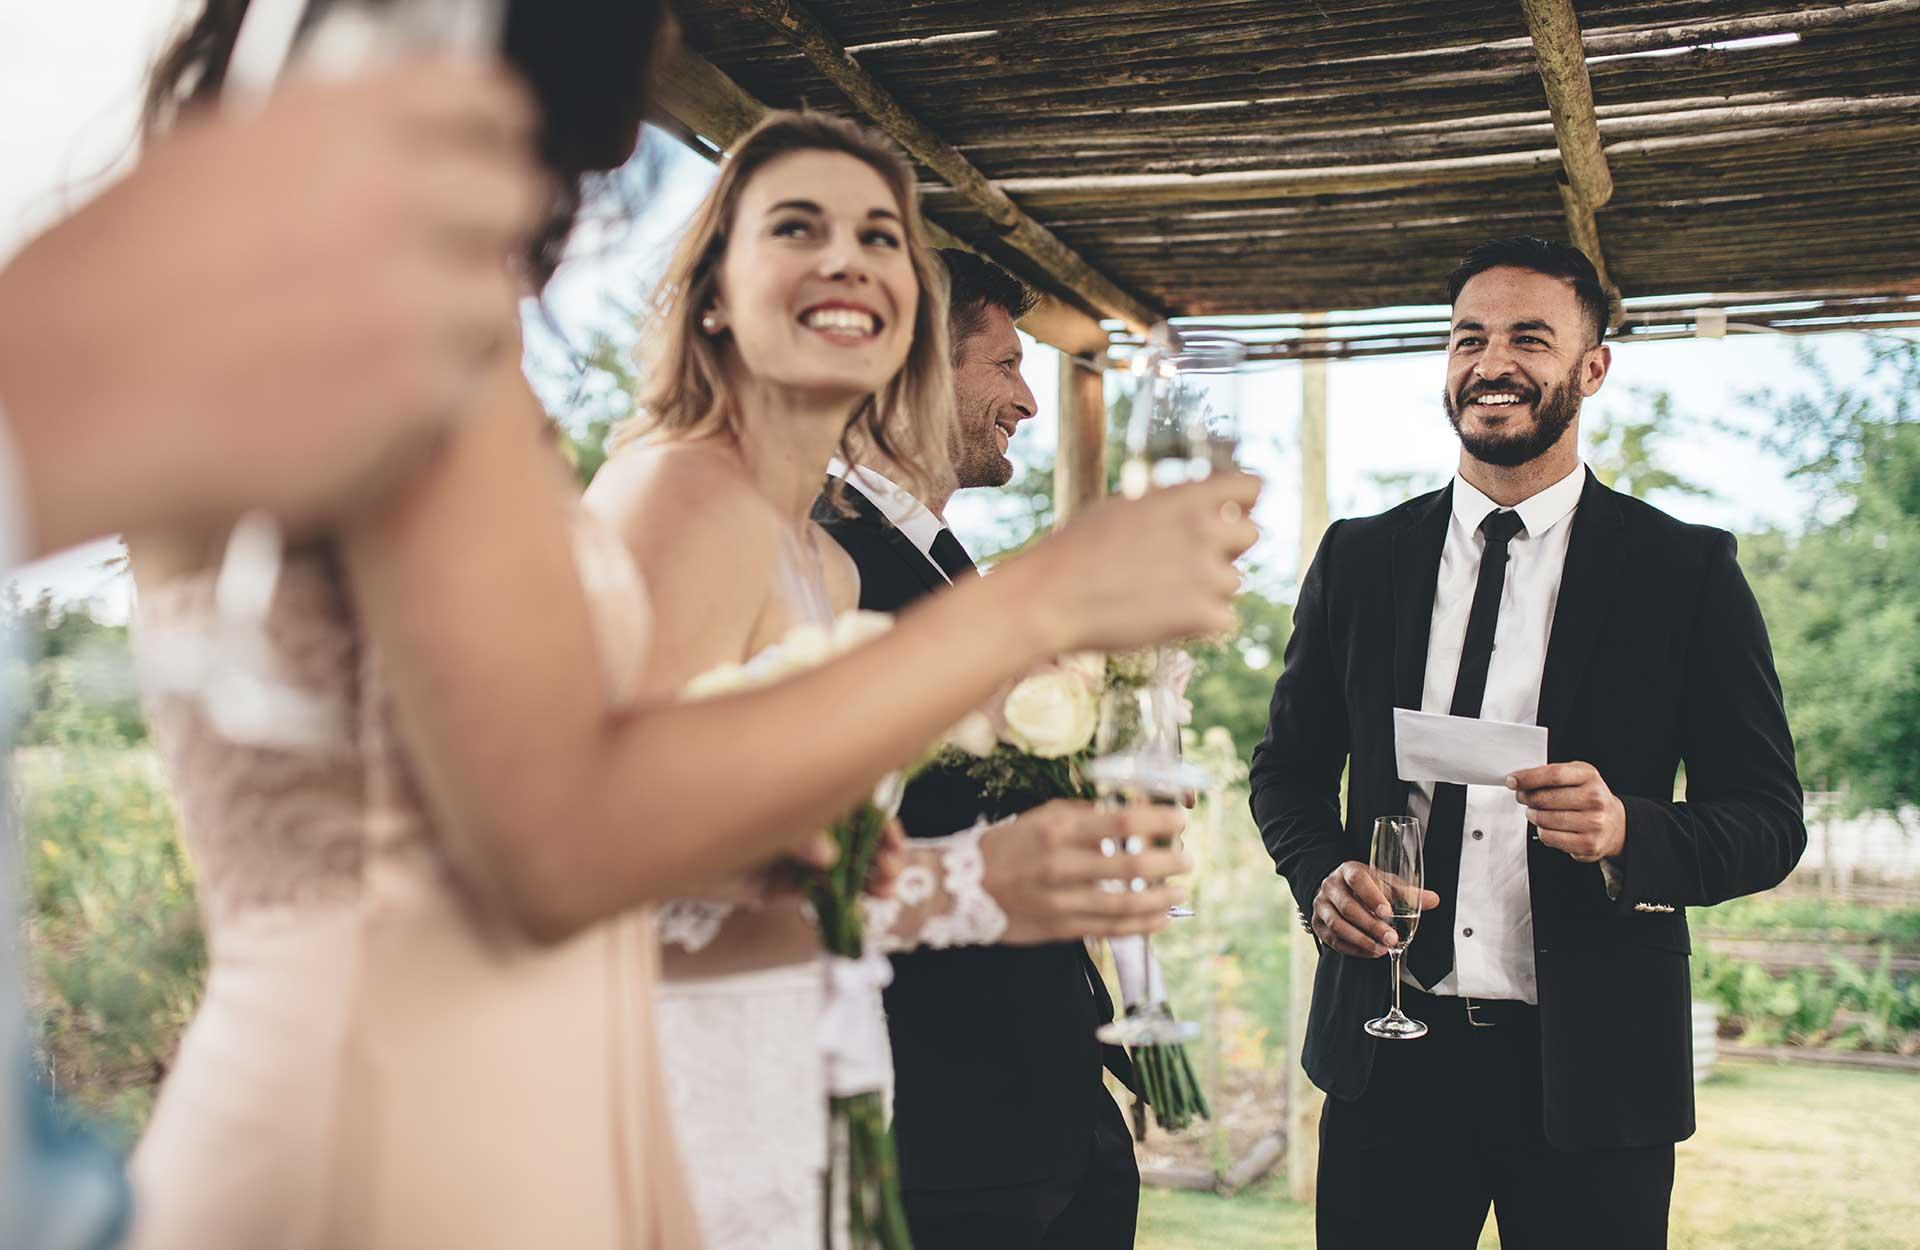 Bryllupsfest toastmaster bryllupsgjester